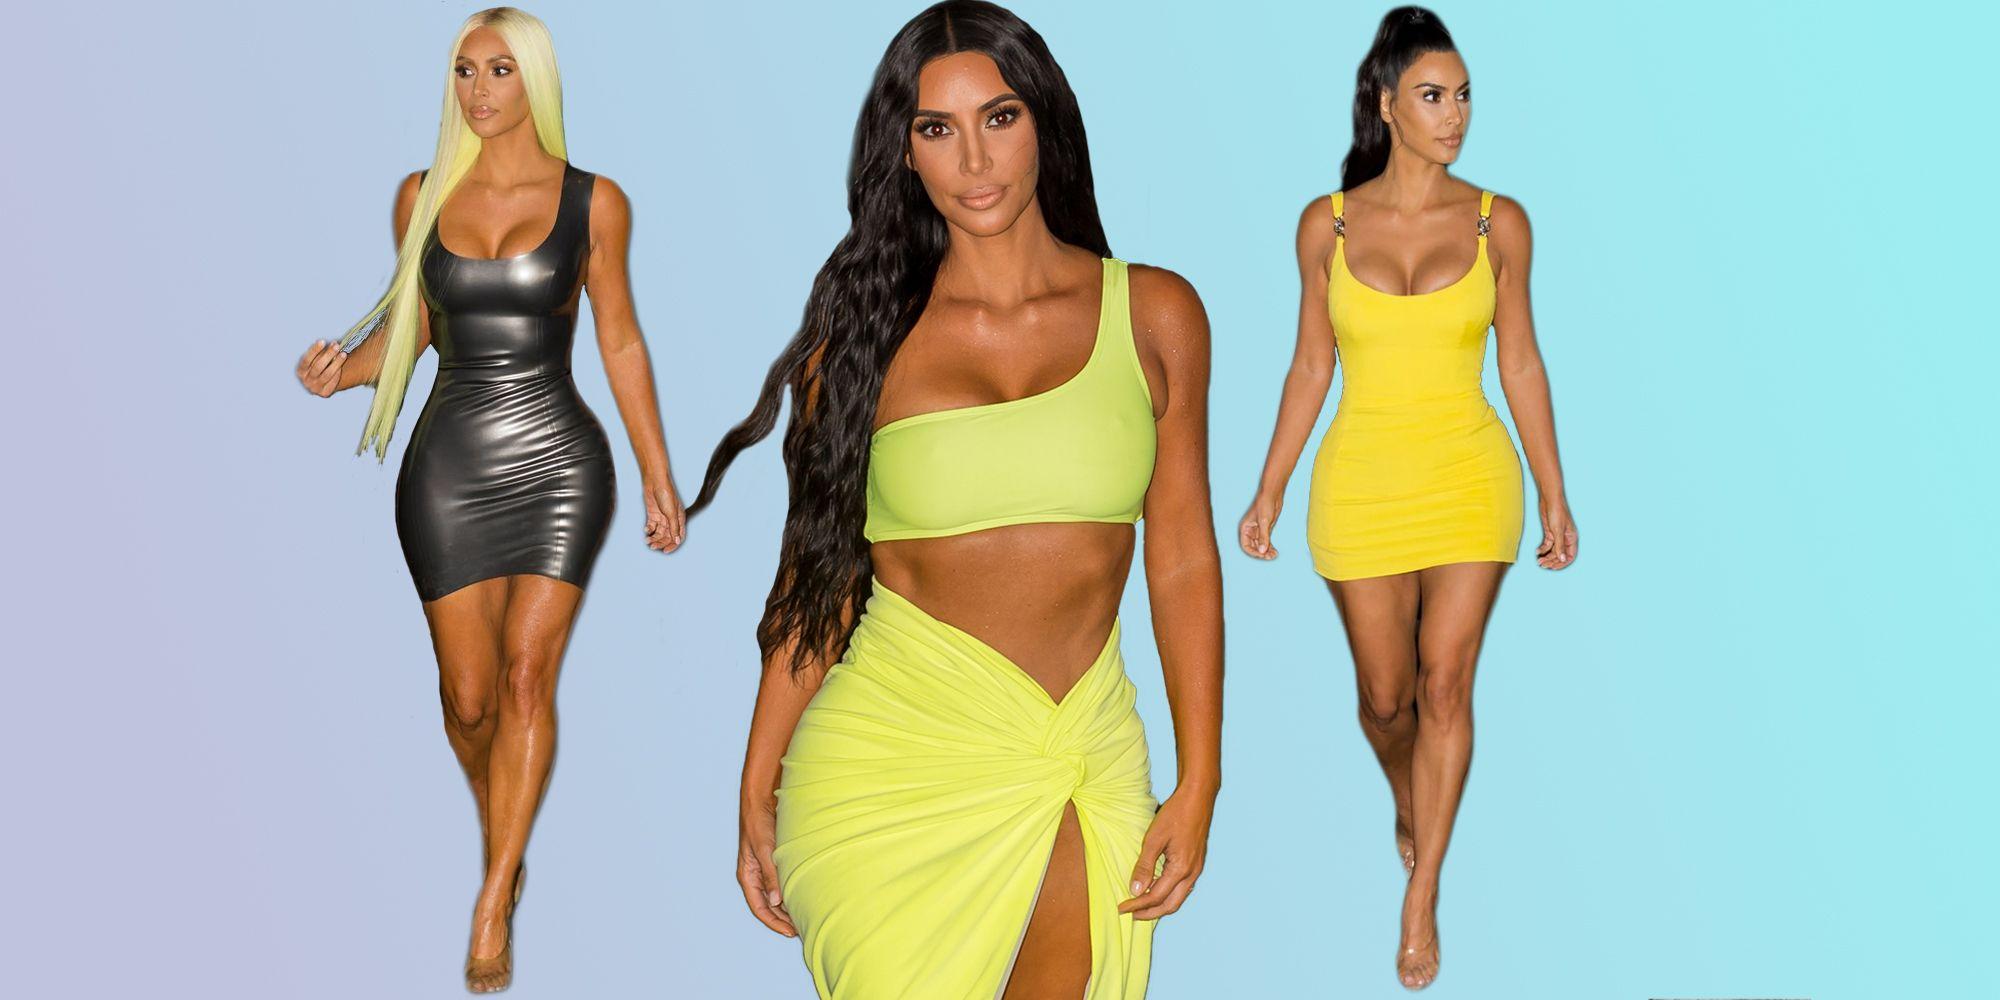 Kim Kardashian best outfits